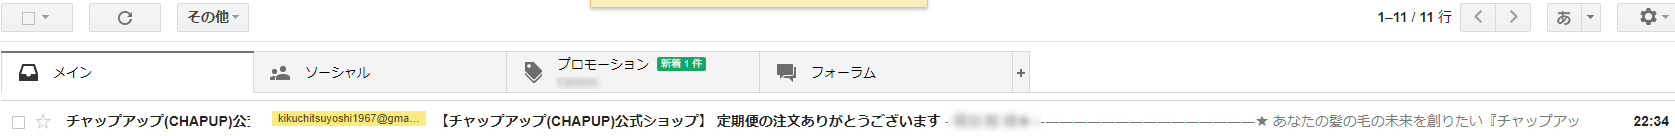 注文完了メール